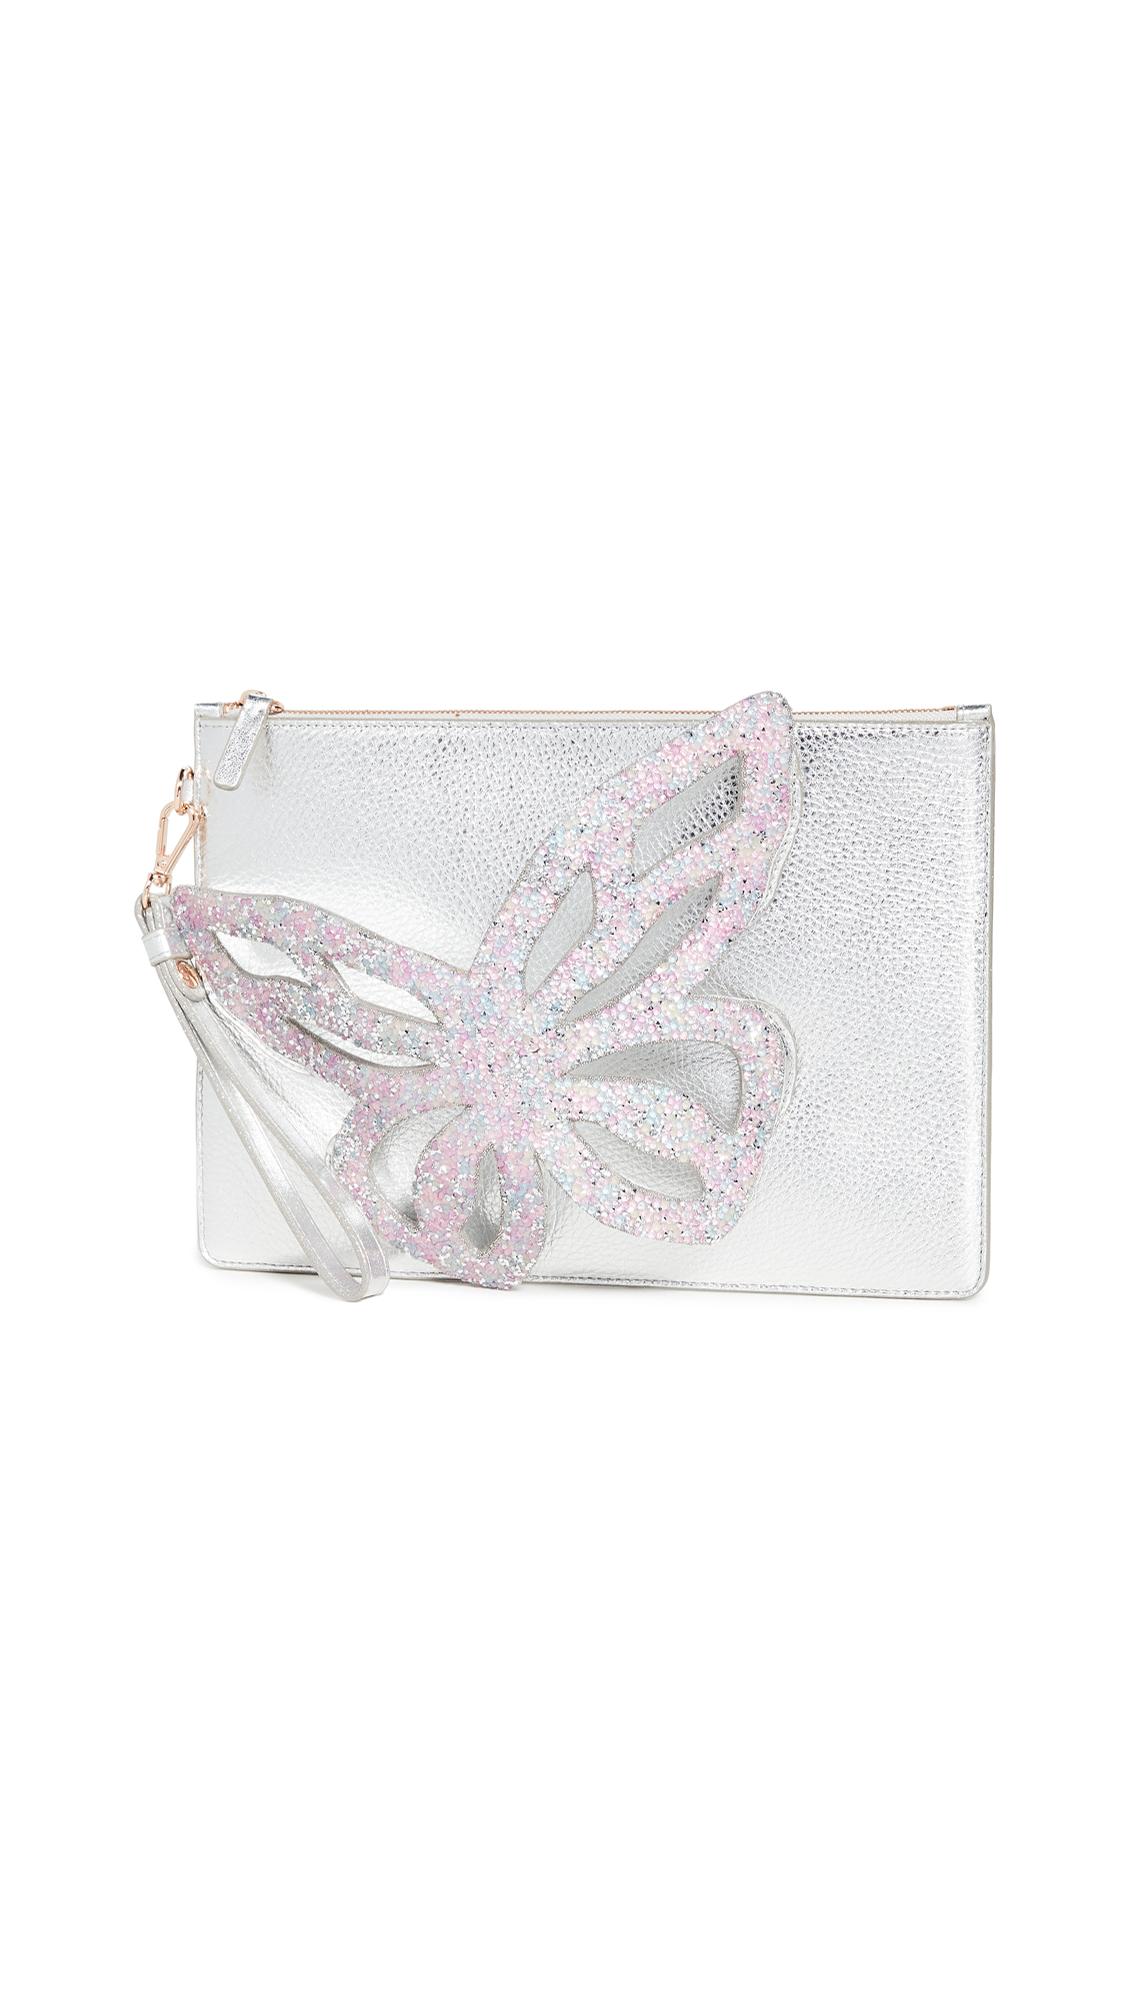 Sophia Webster Flossy Butterfly Embellished Pouchette In Silver